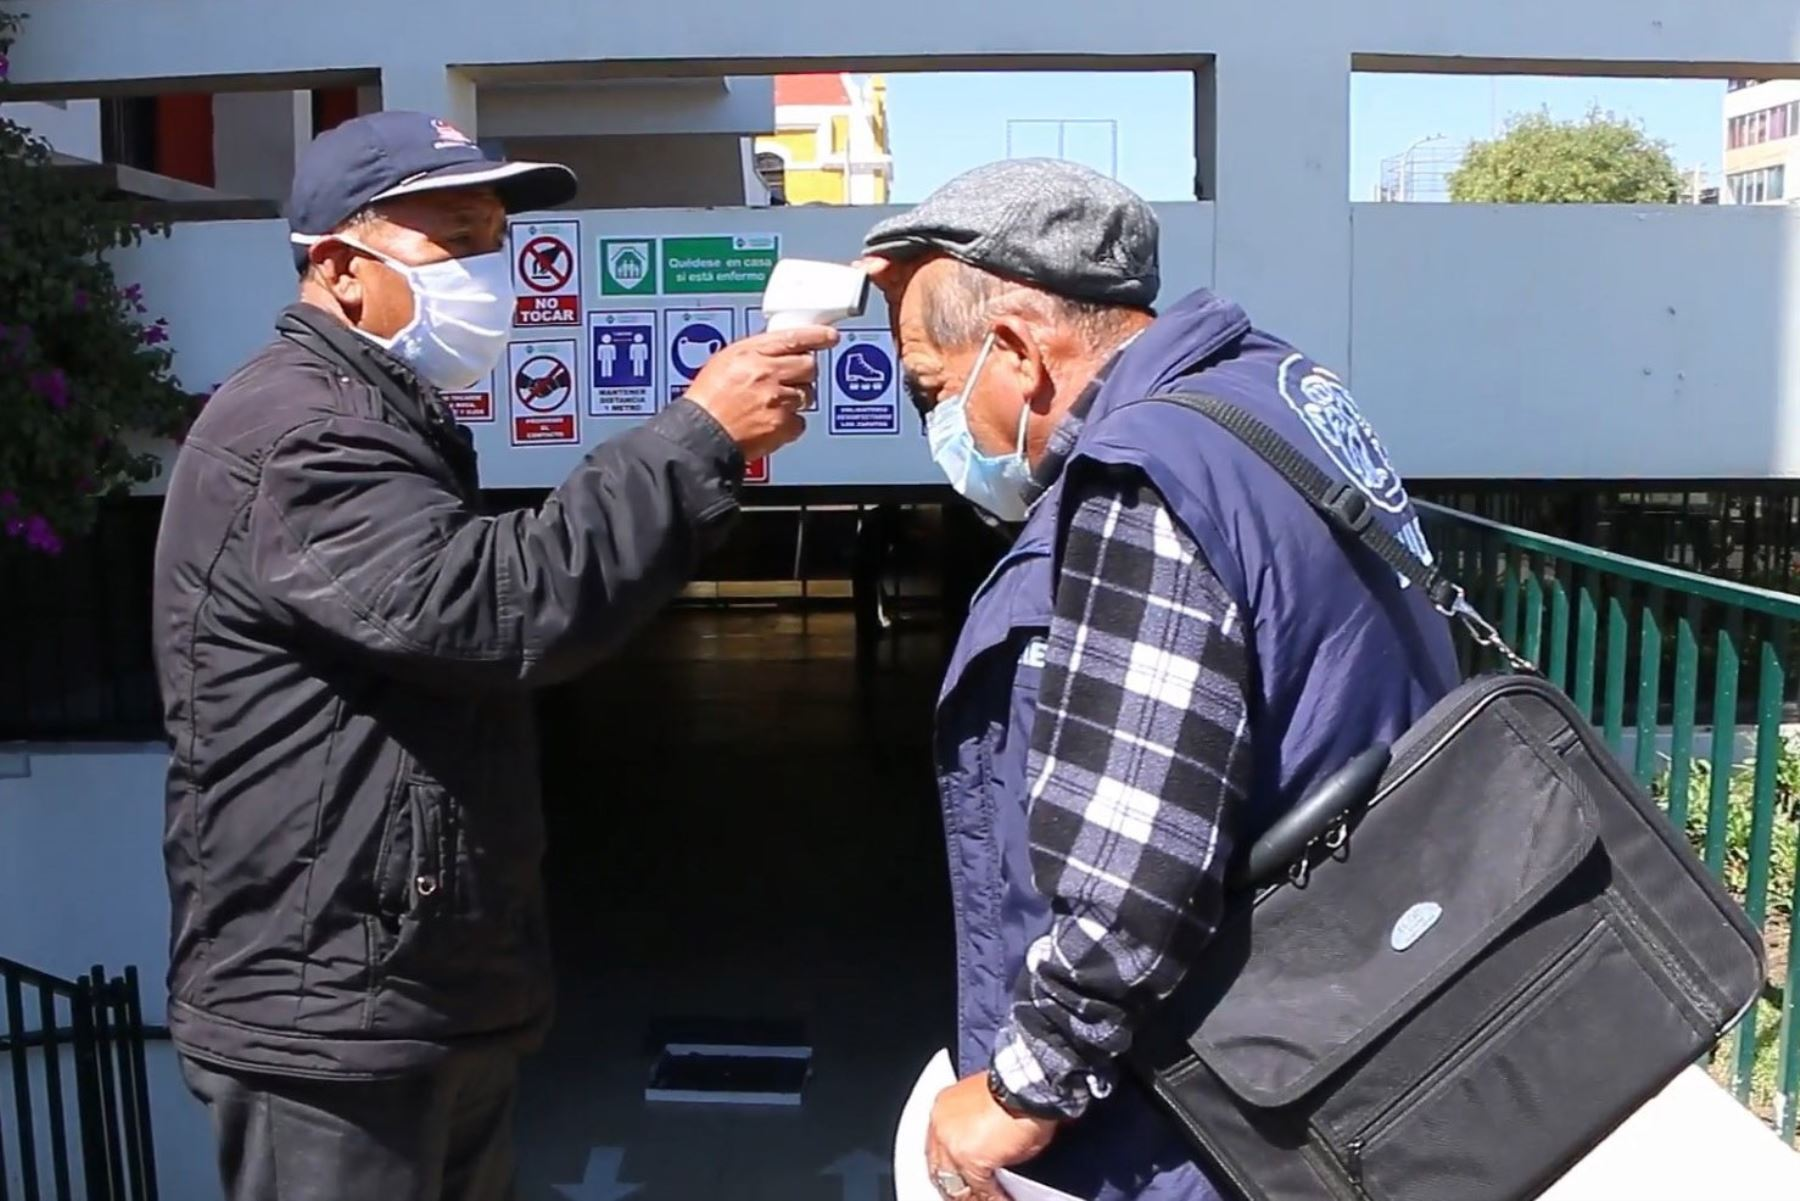 La municipalidad provincial de Huancayo sometió a pruebas rápidas de covid-19 a todos sus trabajadores. Foto: ANDINA/DifusiónANDINA/Difusión